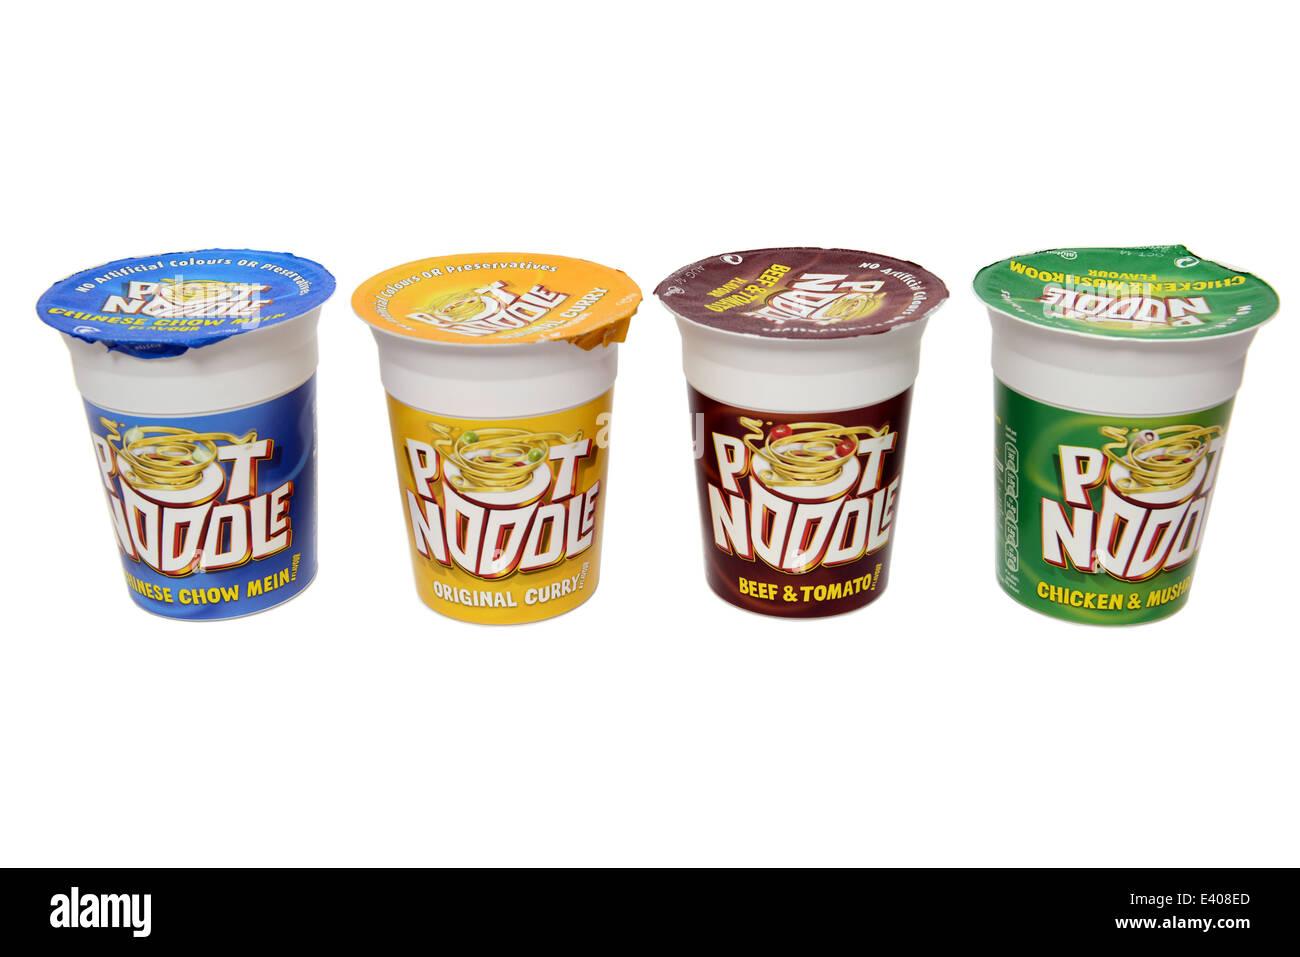 Pot Noodle Range - Stock Image